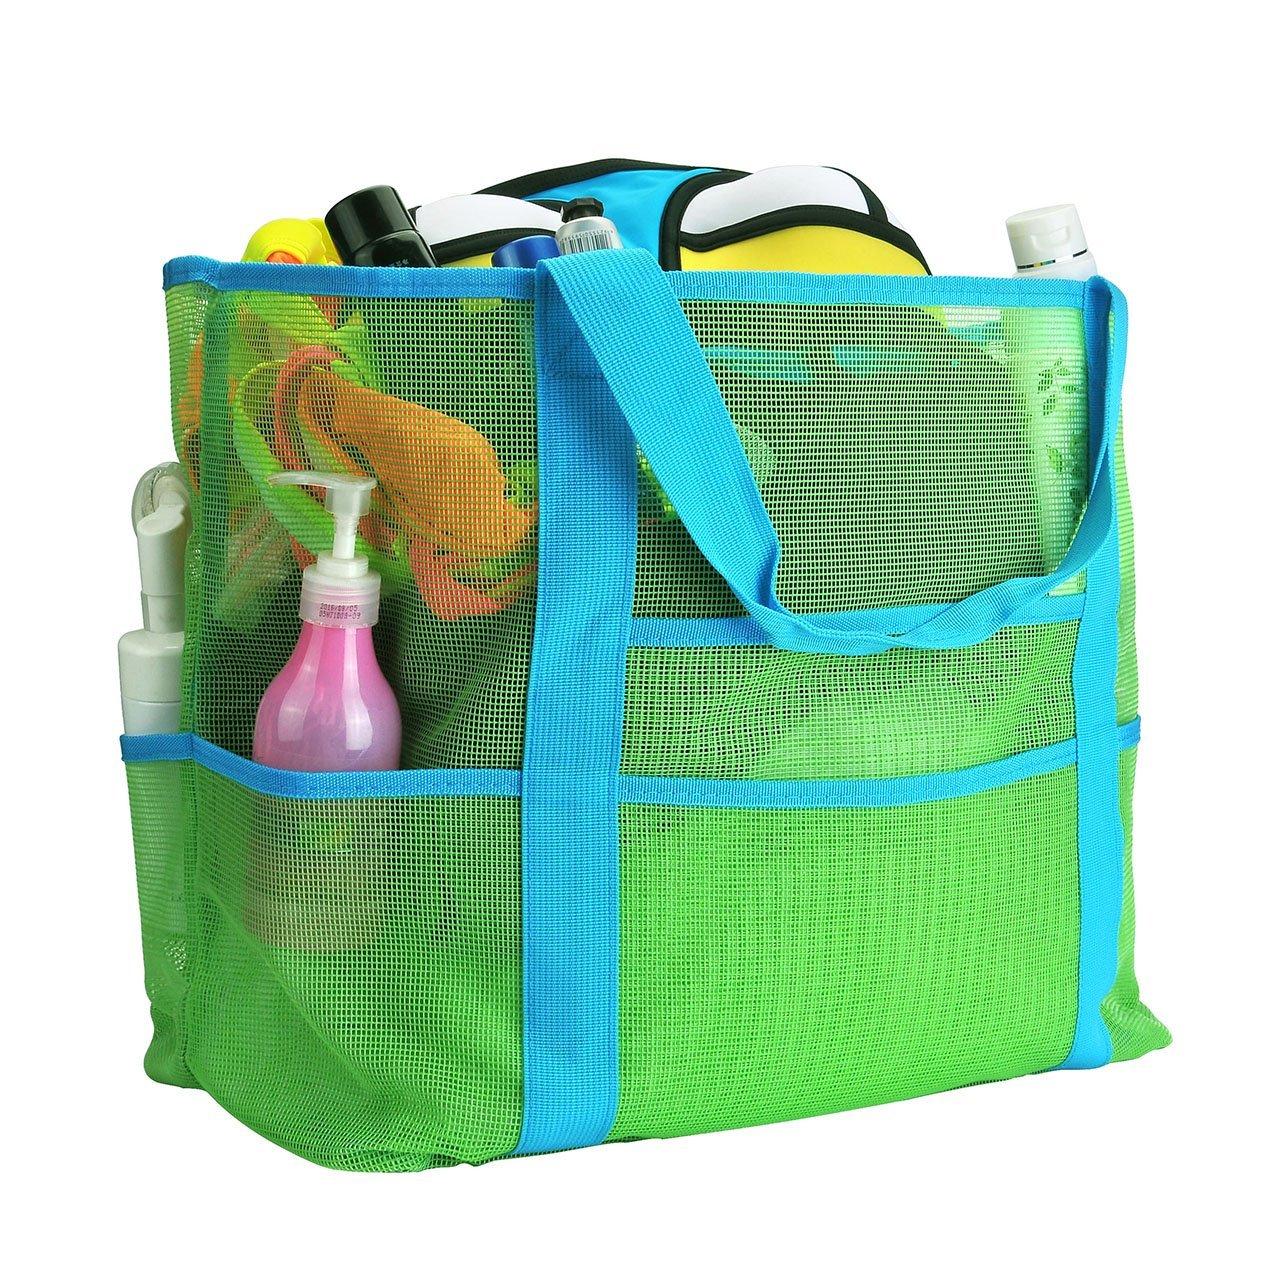 Faleto XXL Netz-Strandtasche Familie Mesh-Strand-Tasche Netztasche für Sandspielzeug, Extra Große Familie Mesh Beach Bag Tote, Blau/Grün (Grün)